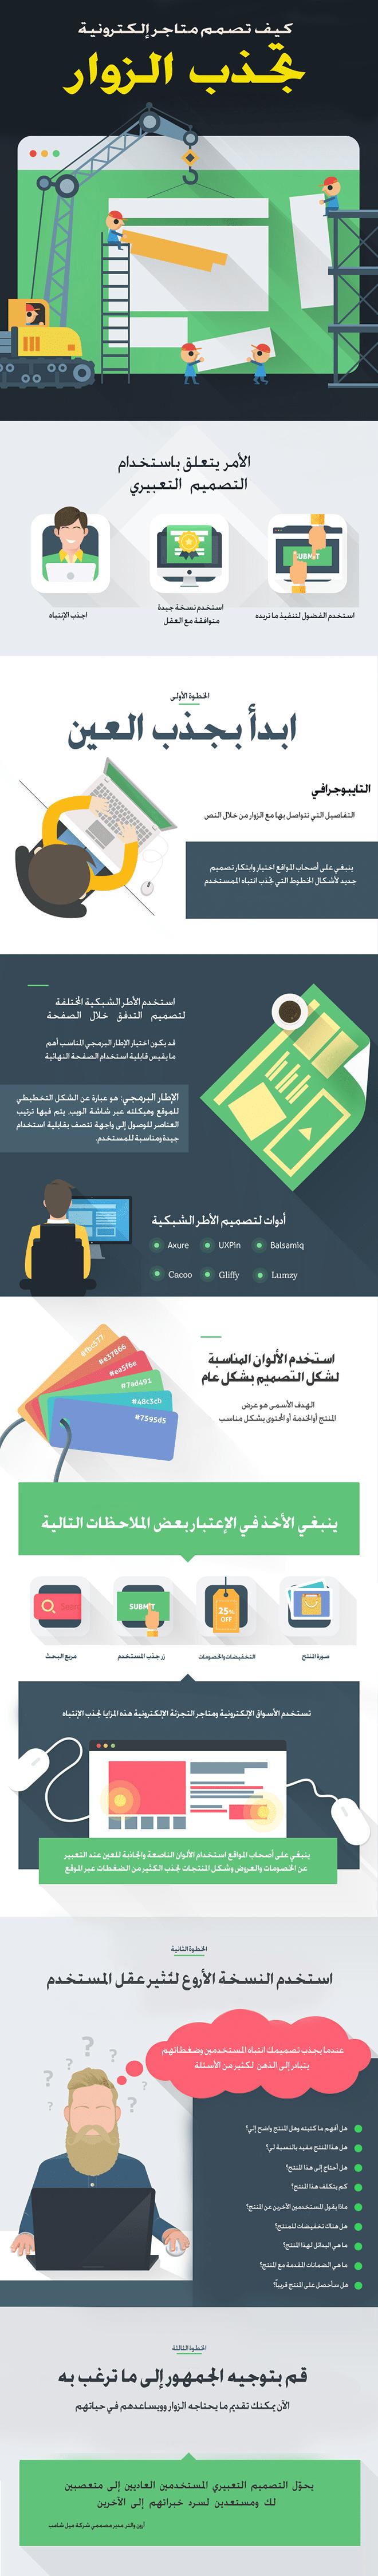 تصميم-مواقع-جاذبة-للإنتباه